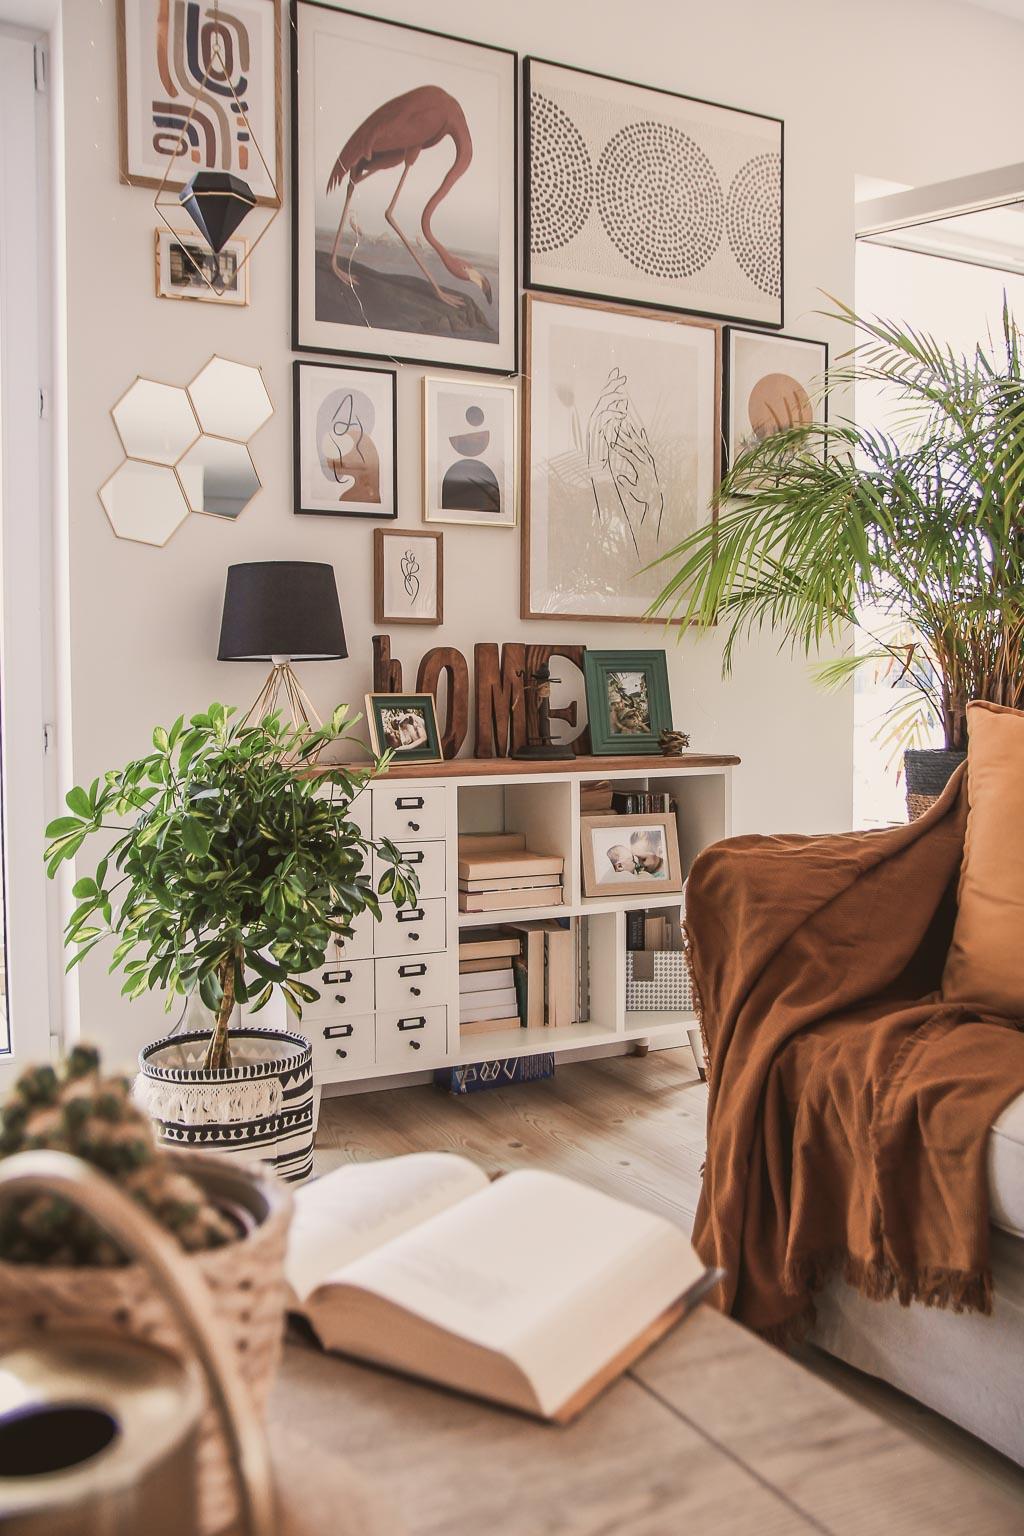 Jak niewielkim kosztem stworzyć nowe mieszkanie